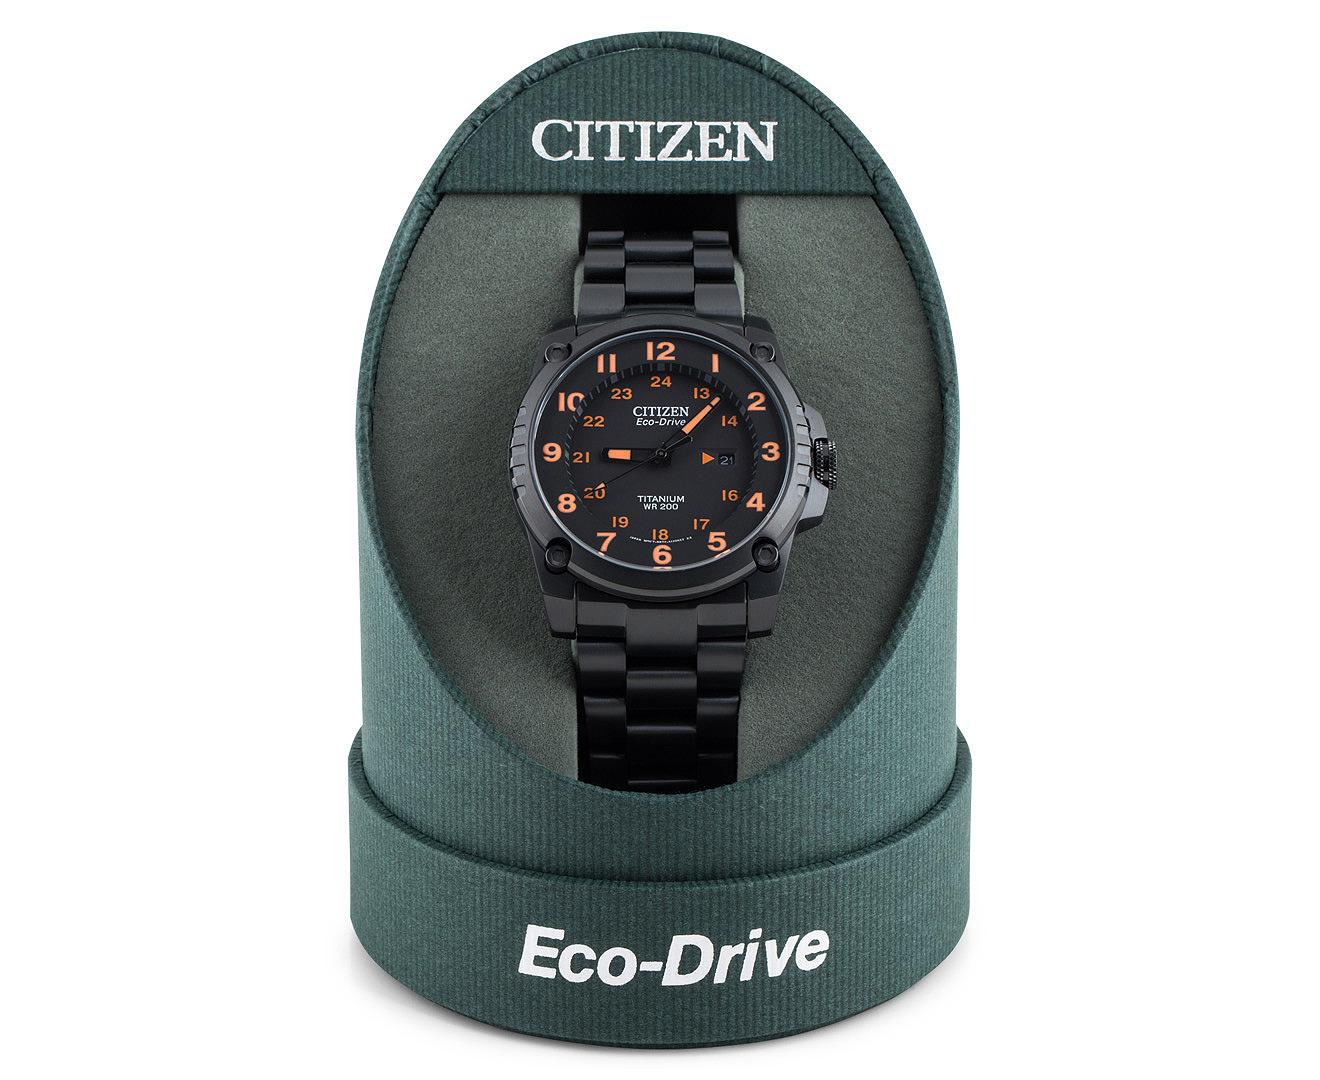 Citizen men 39 s eco drive titanium diver 39 s watch black orange - Citizen titanium dive watch ...